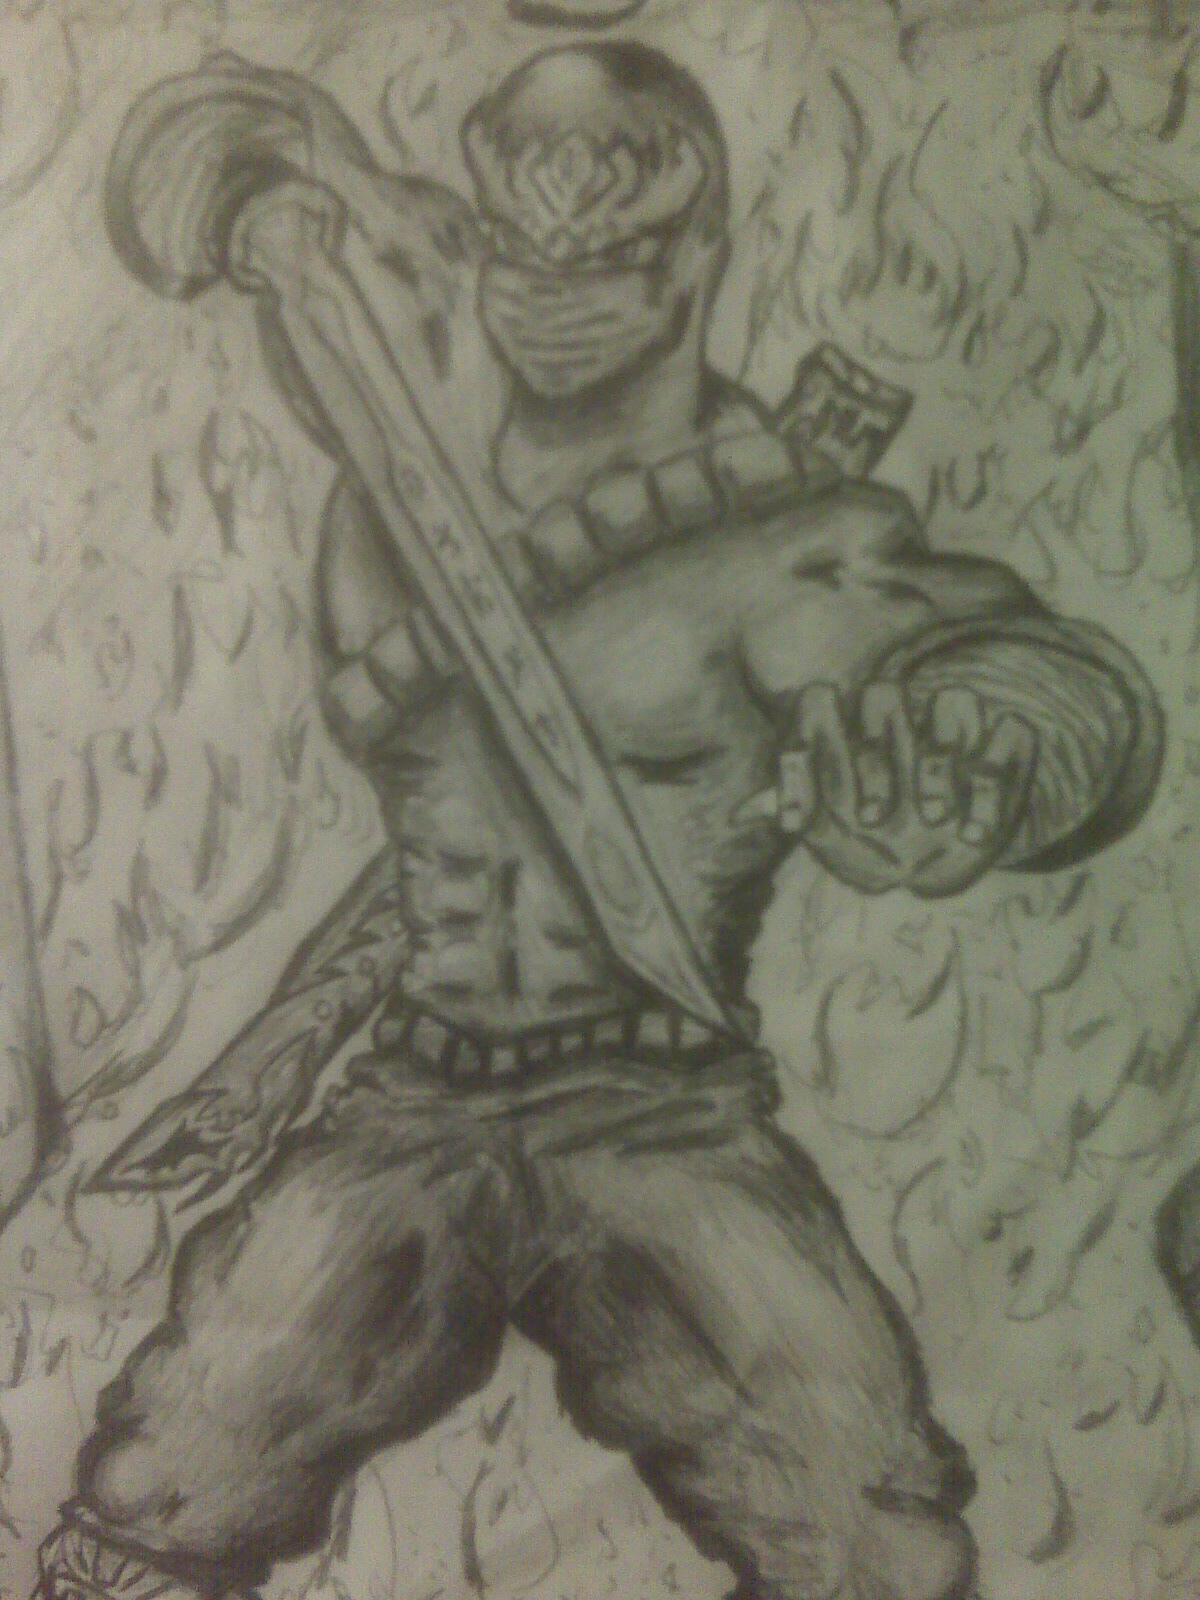 Ninja Gaiden Manga